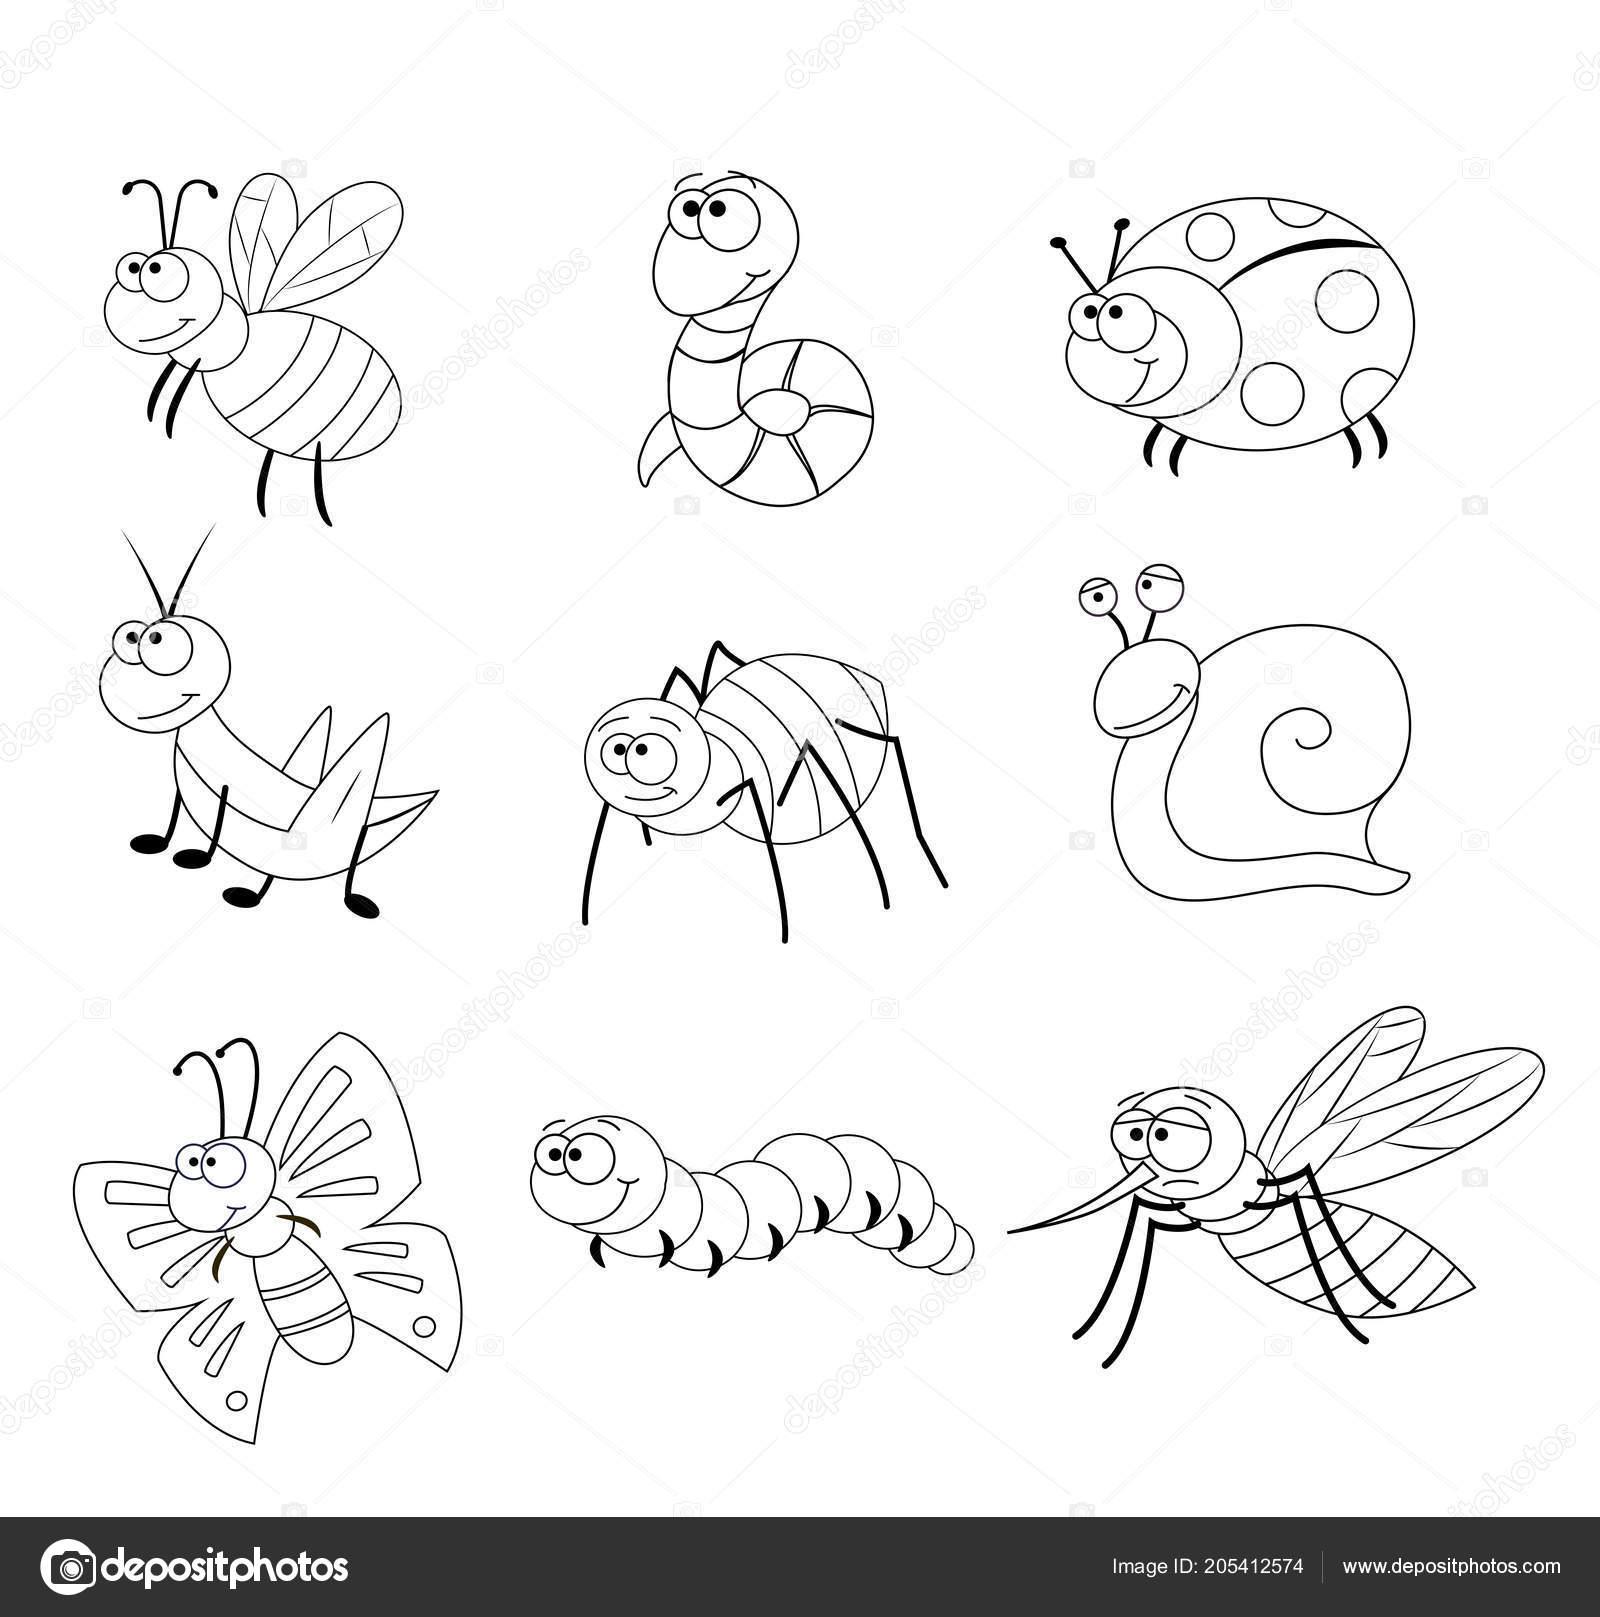 Kleurplaten Van Insecten.Kleurplaat Voor Kleuters Stockvector C Budolga 205412574